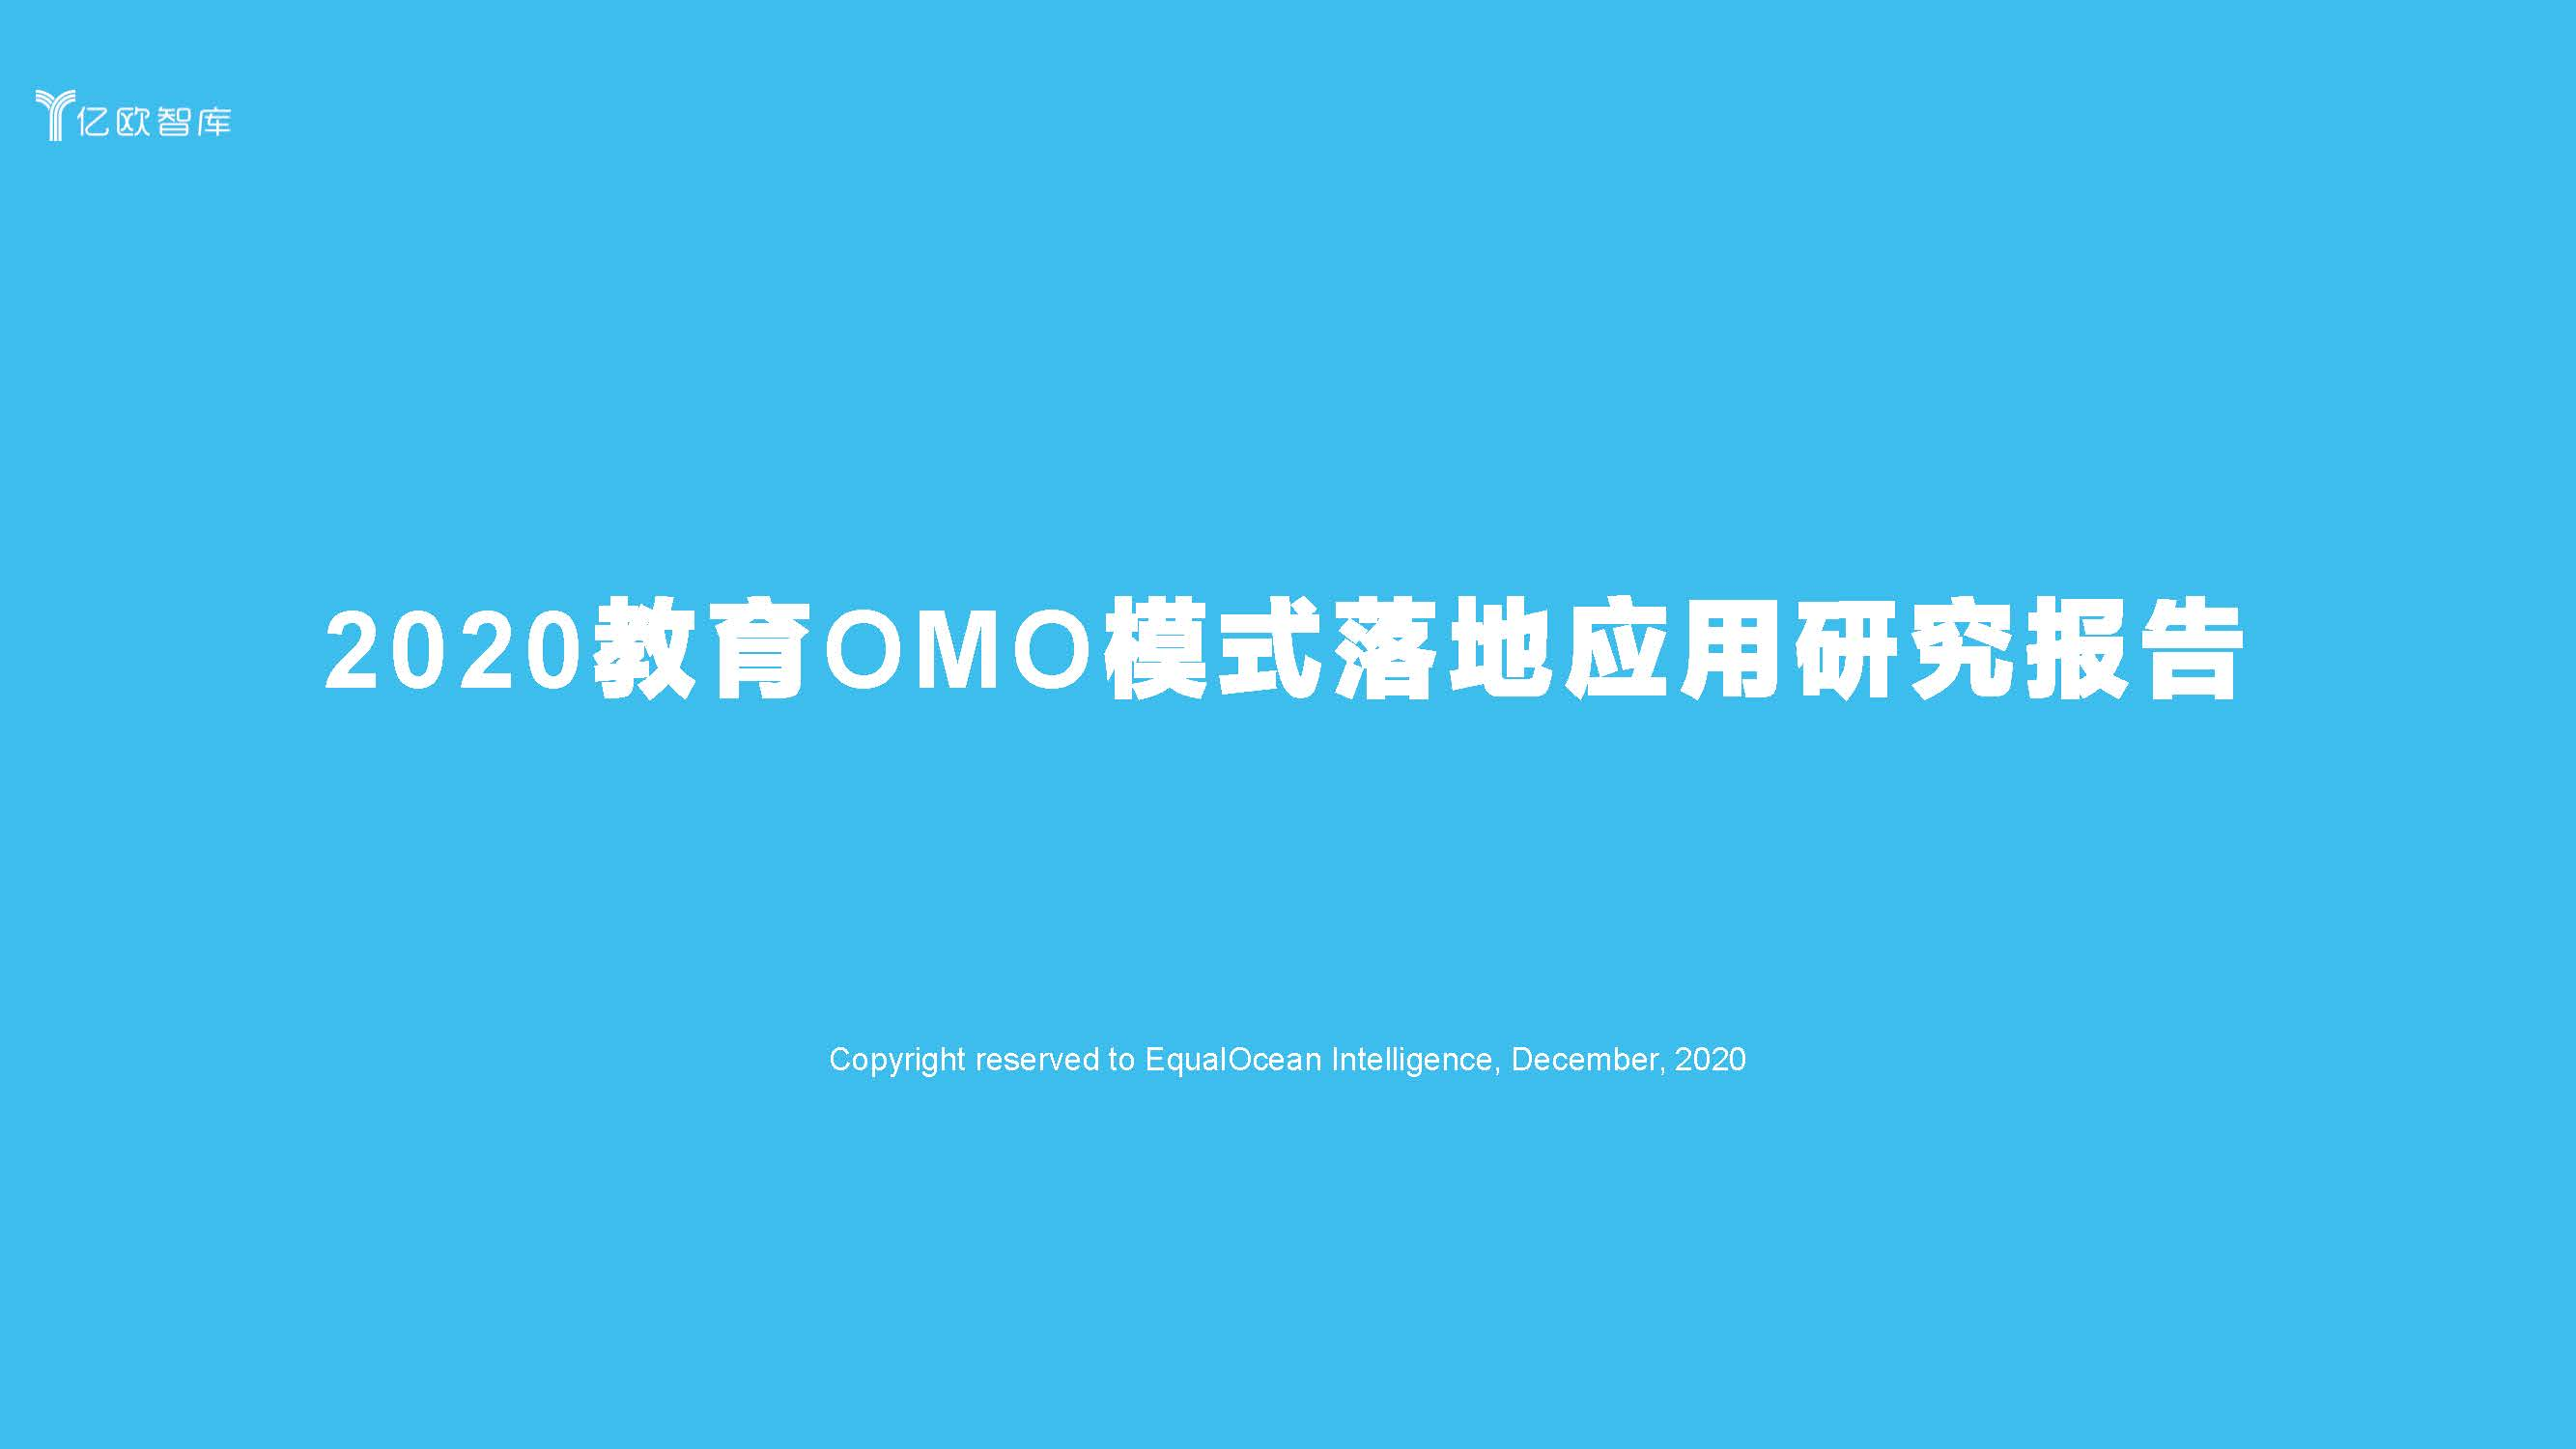 亿欧智库:2020教育行业OMO模式落地应用研究报告(股下载)